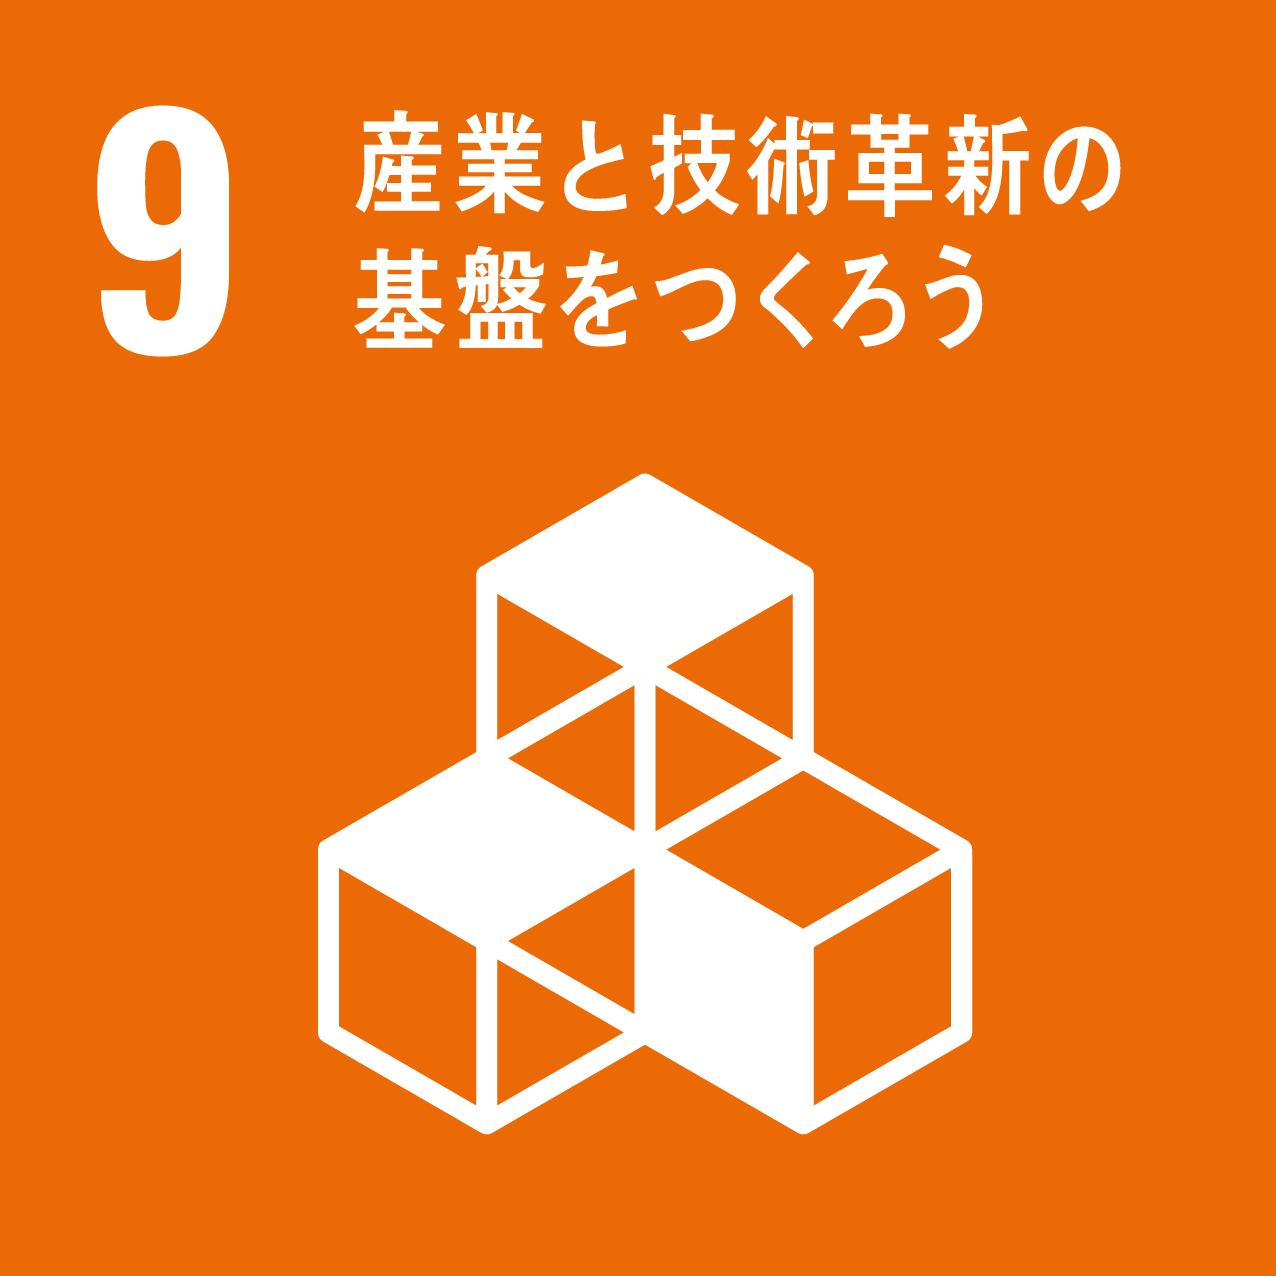 SDGs産業と技術革新の基盤を作ろう